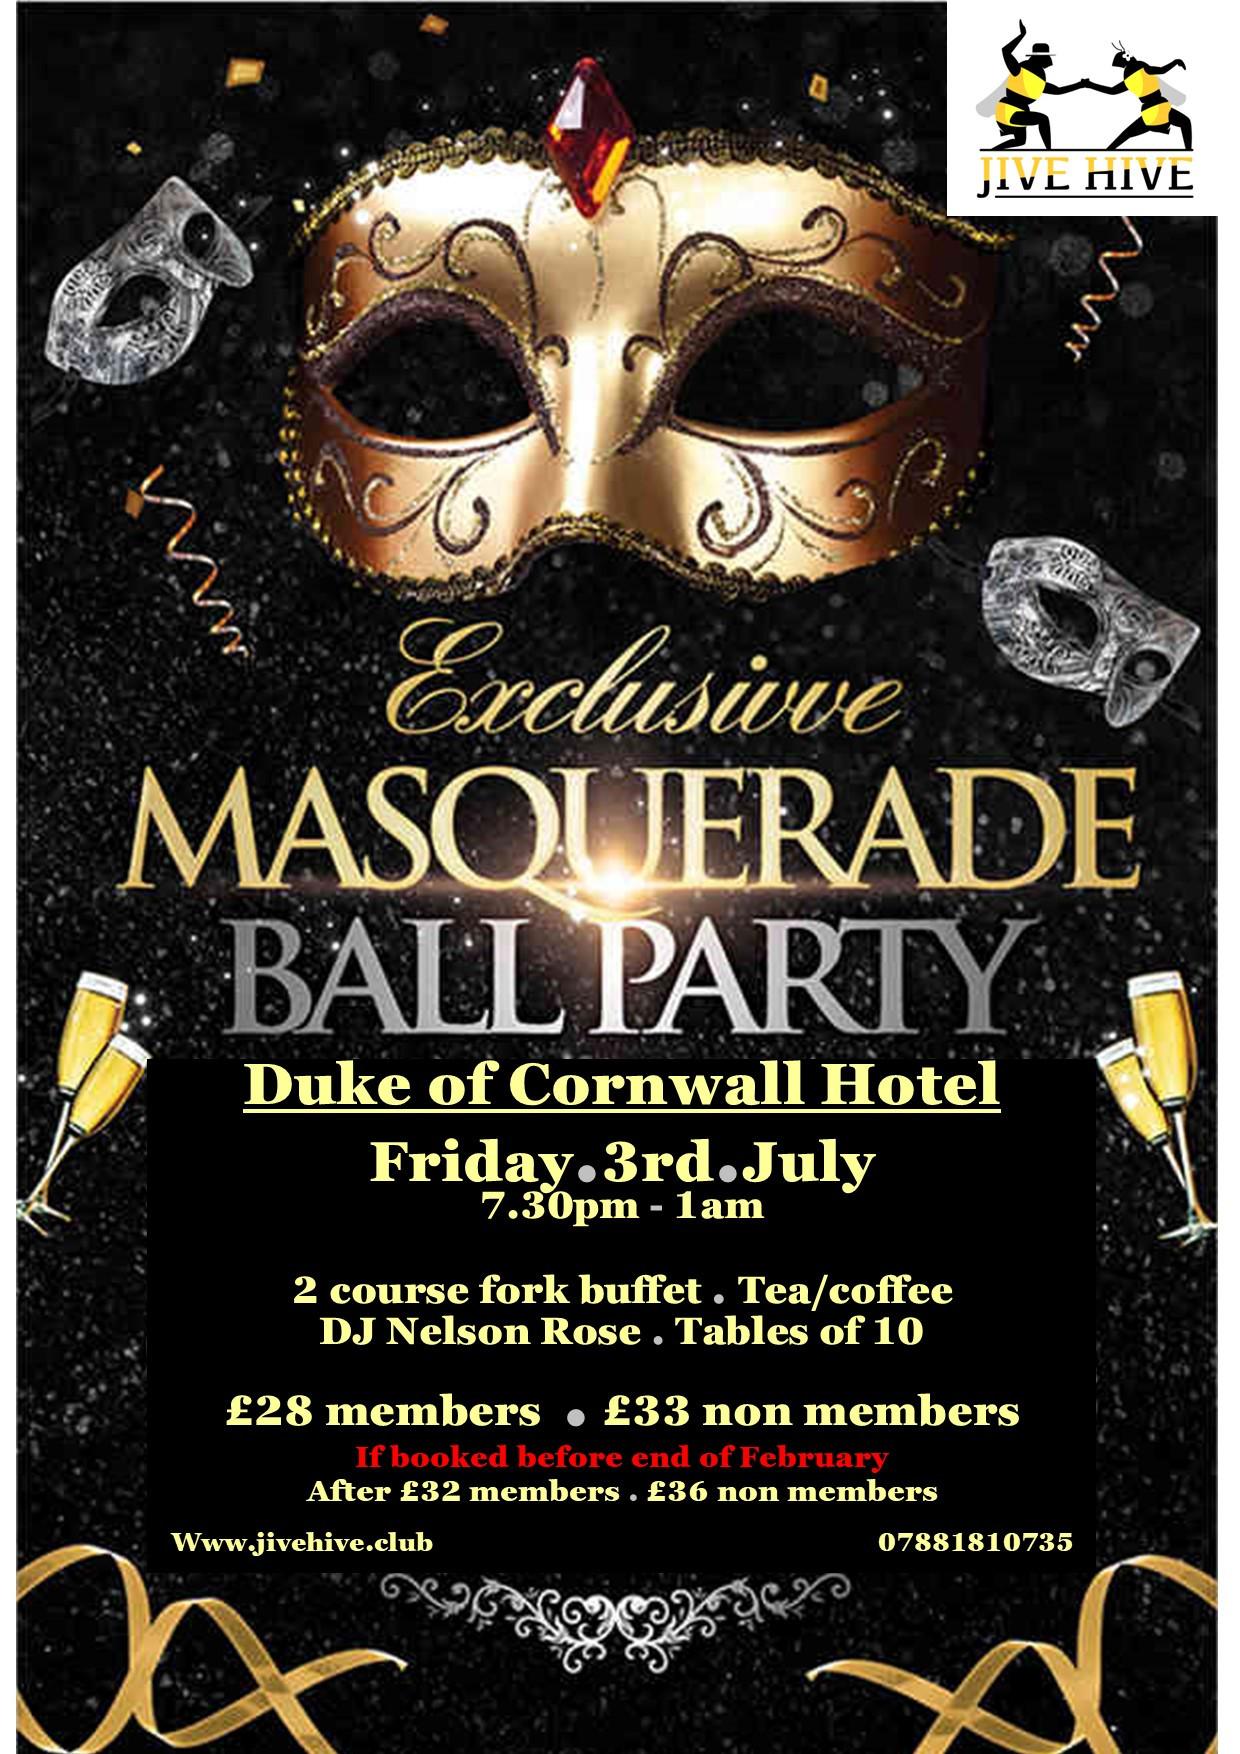 Masquerade Ball at The Duke of Cornwall